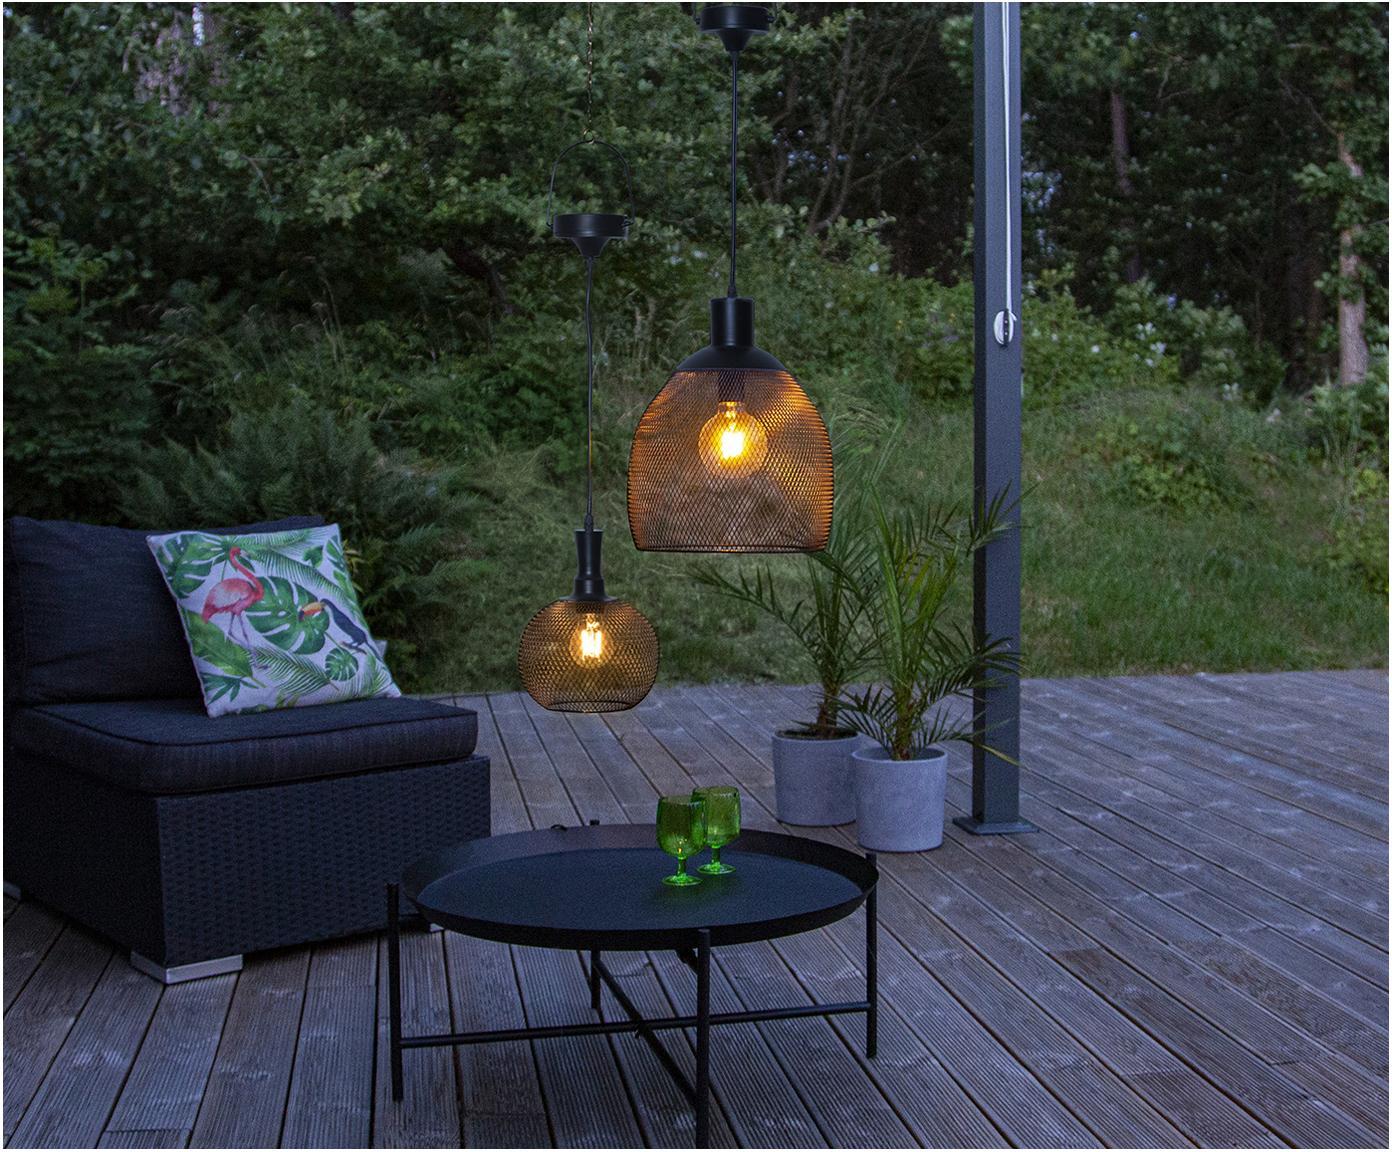 Zewnętrzna lampa solarna LED Sunlight, Czarny, Ø 19 x W 24 cm